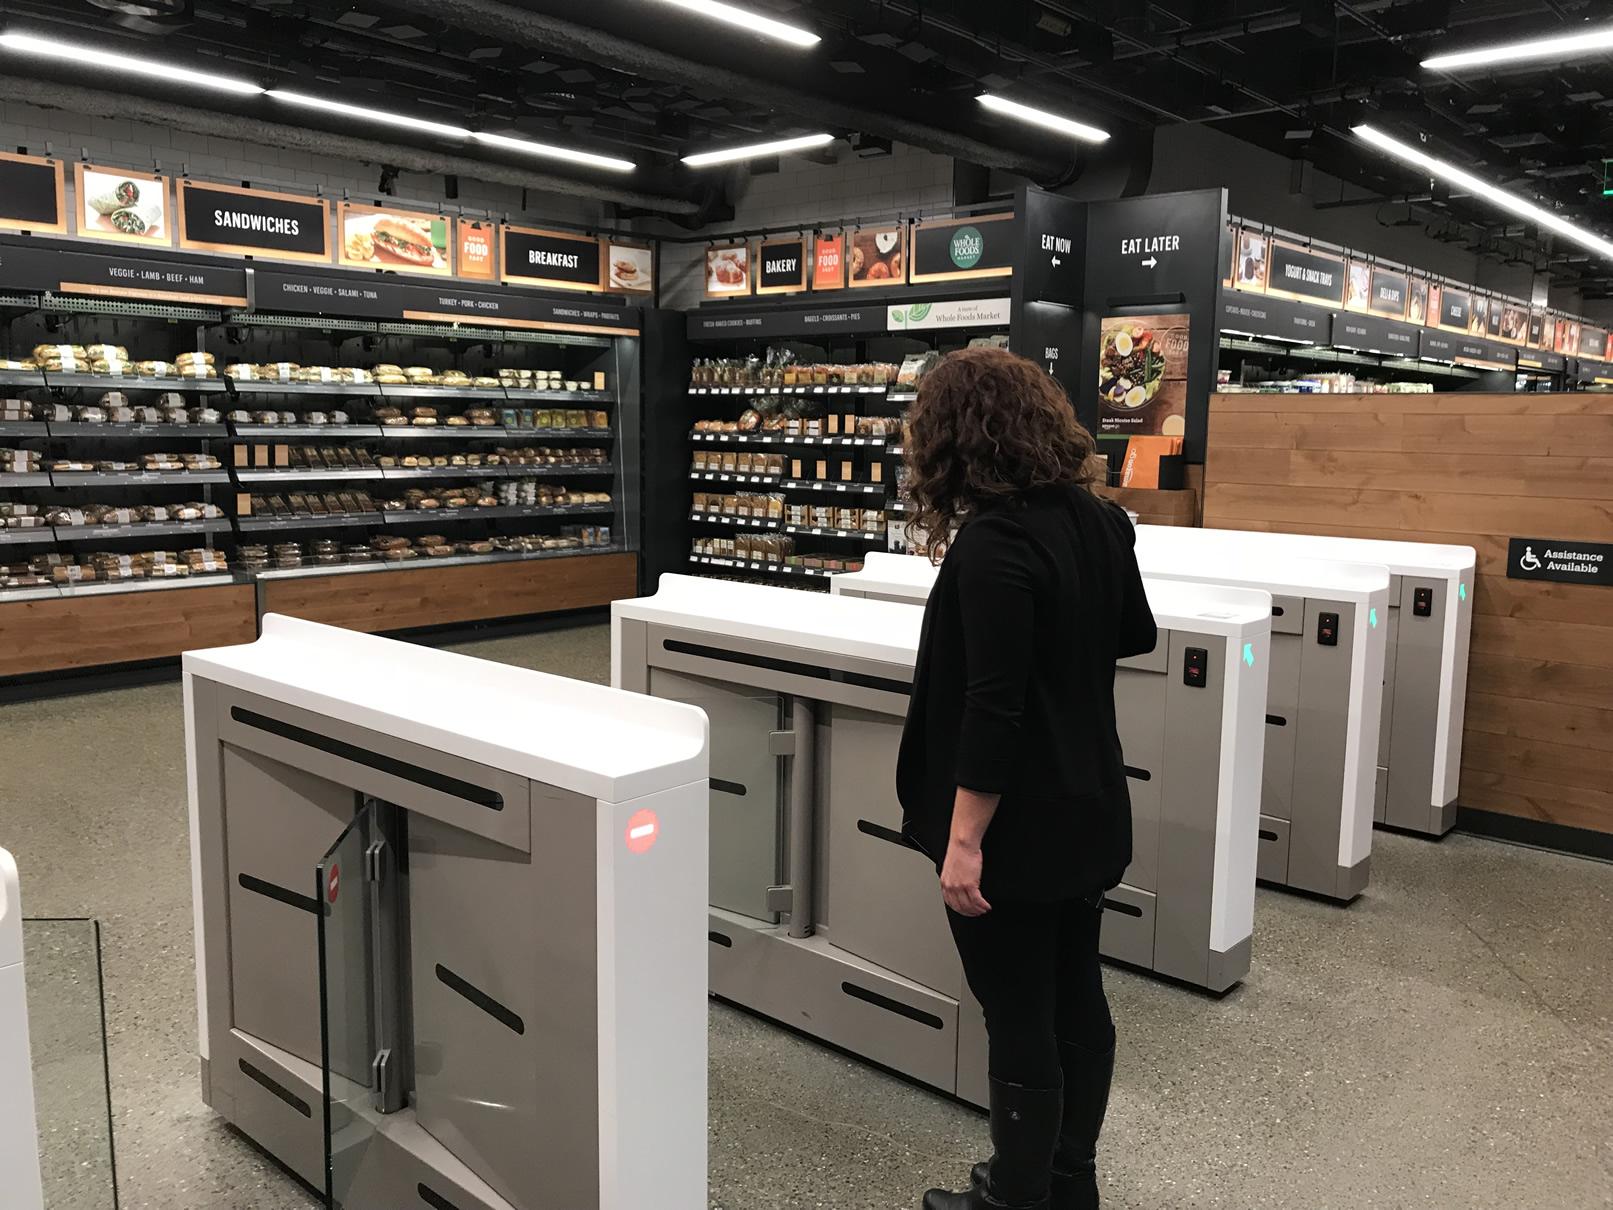 Amazon planea abrir hasta 3000 tiendas sin empleados para 2021